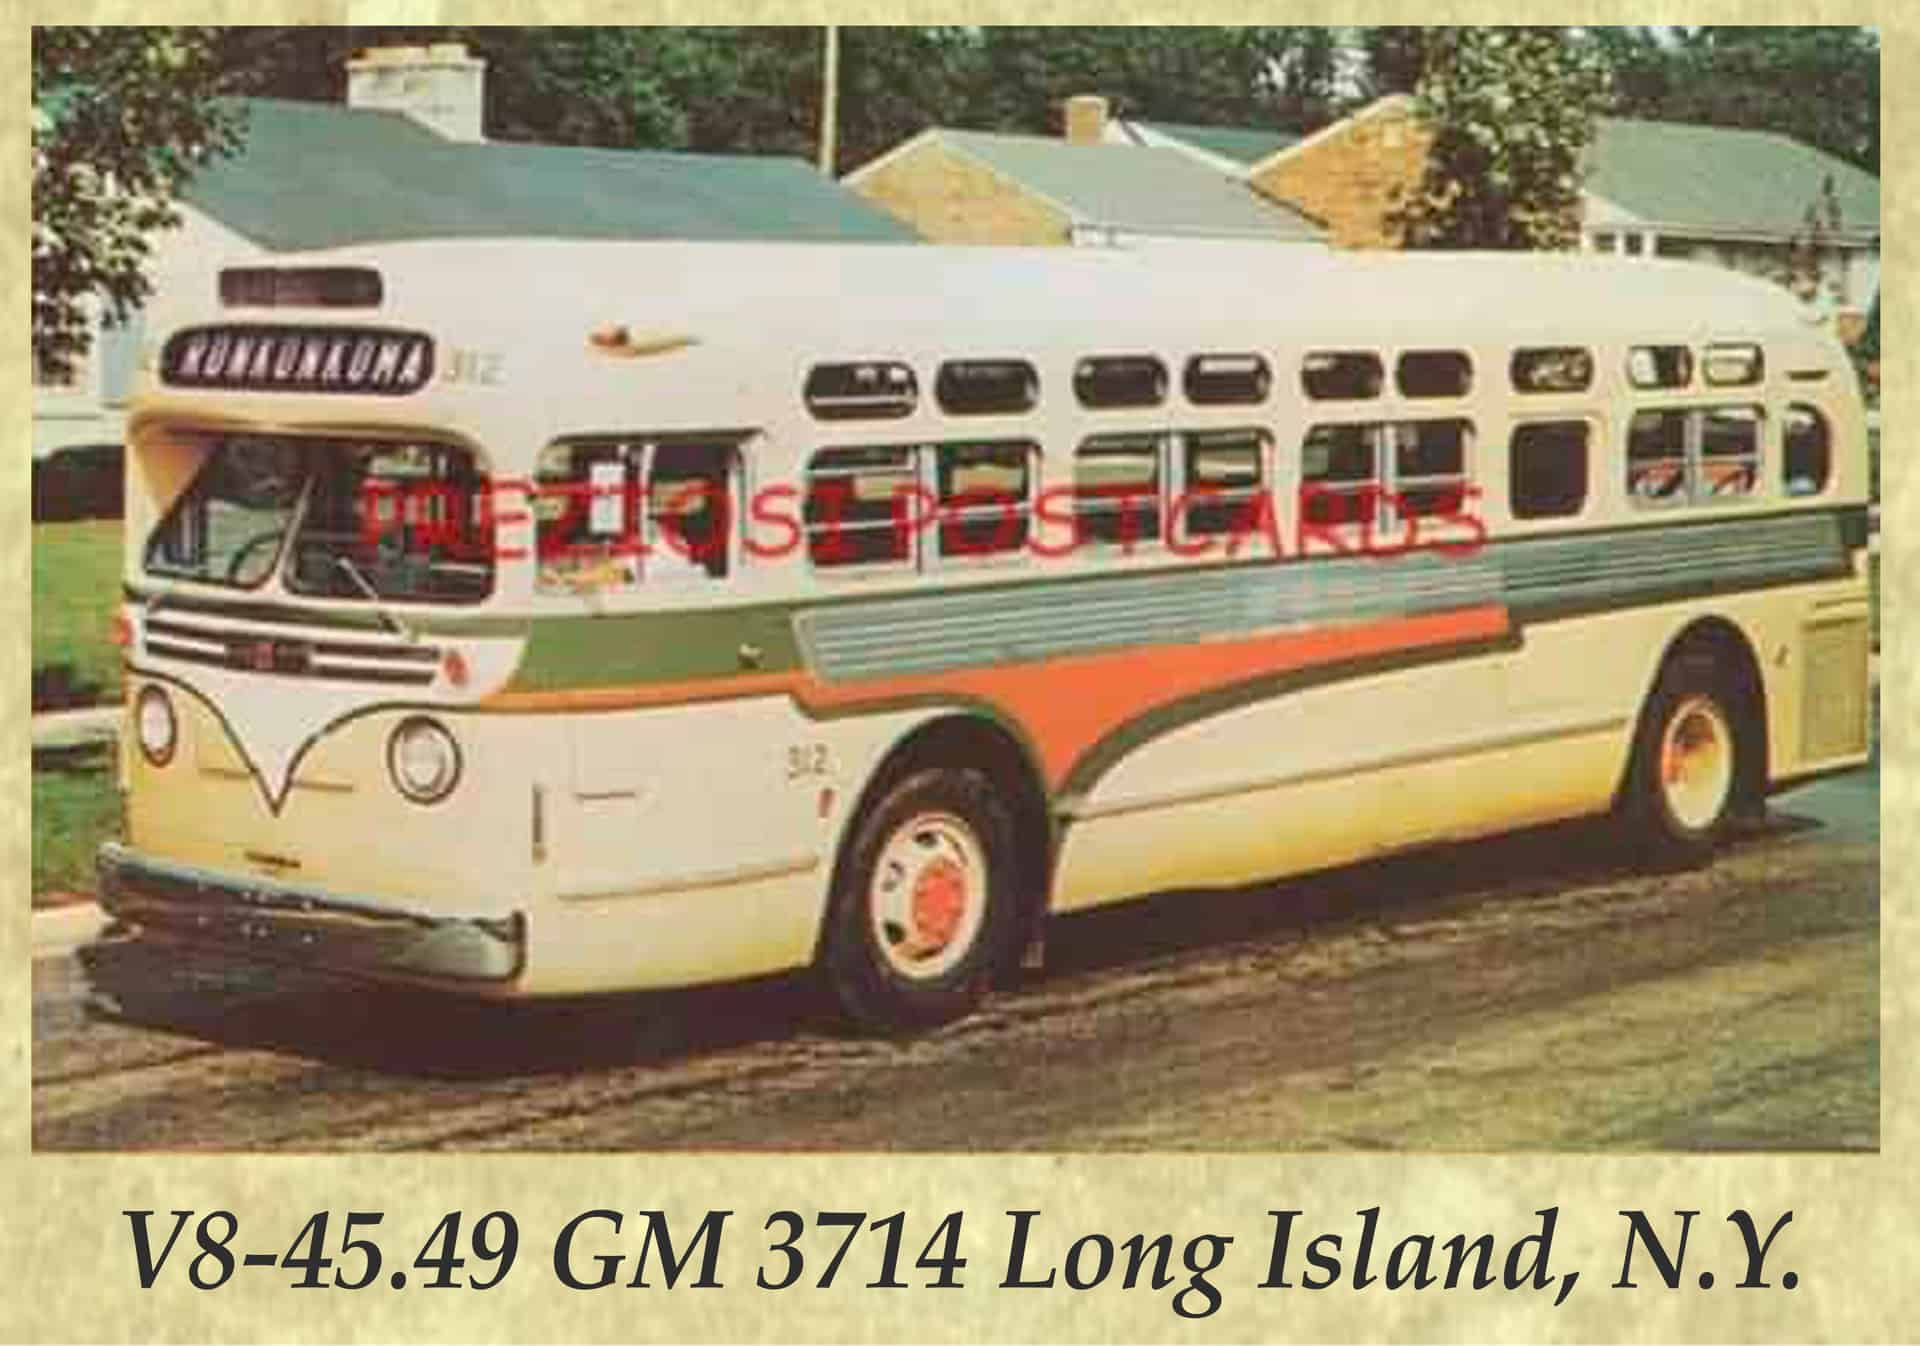 V8-45.49 GM 3714 Long Island, N.Y.